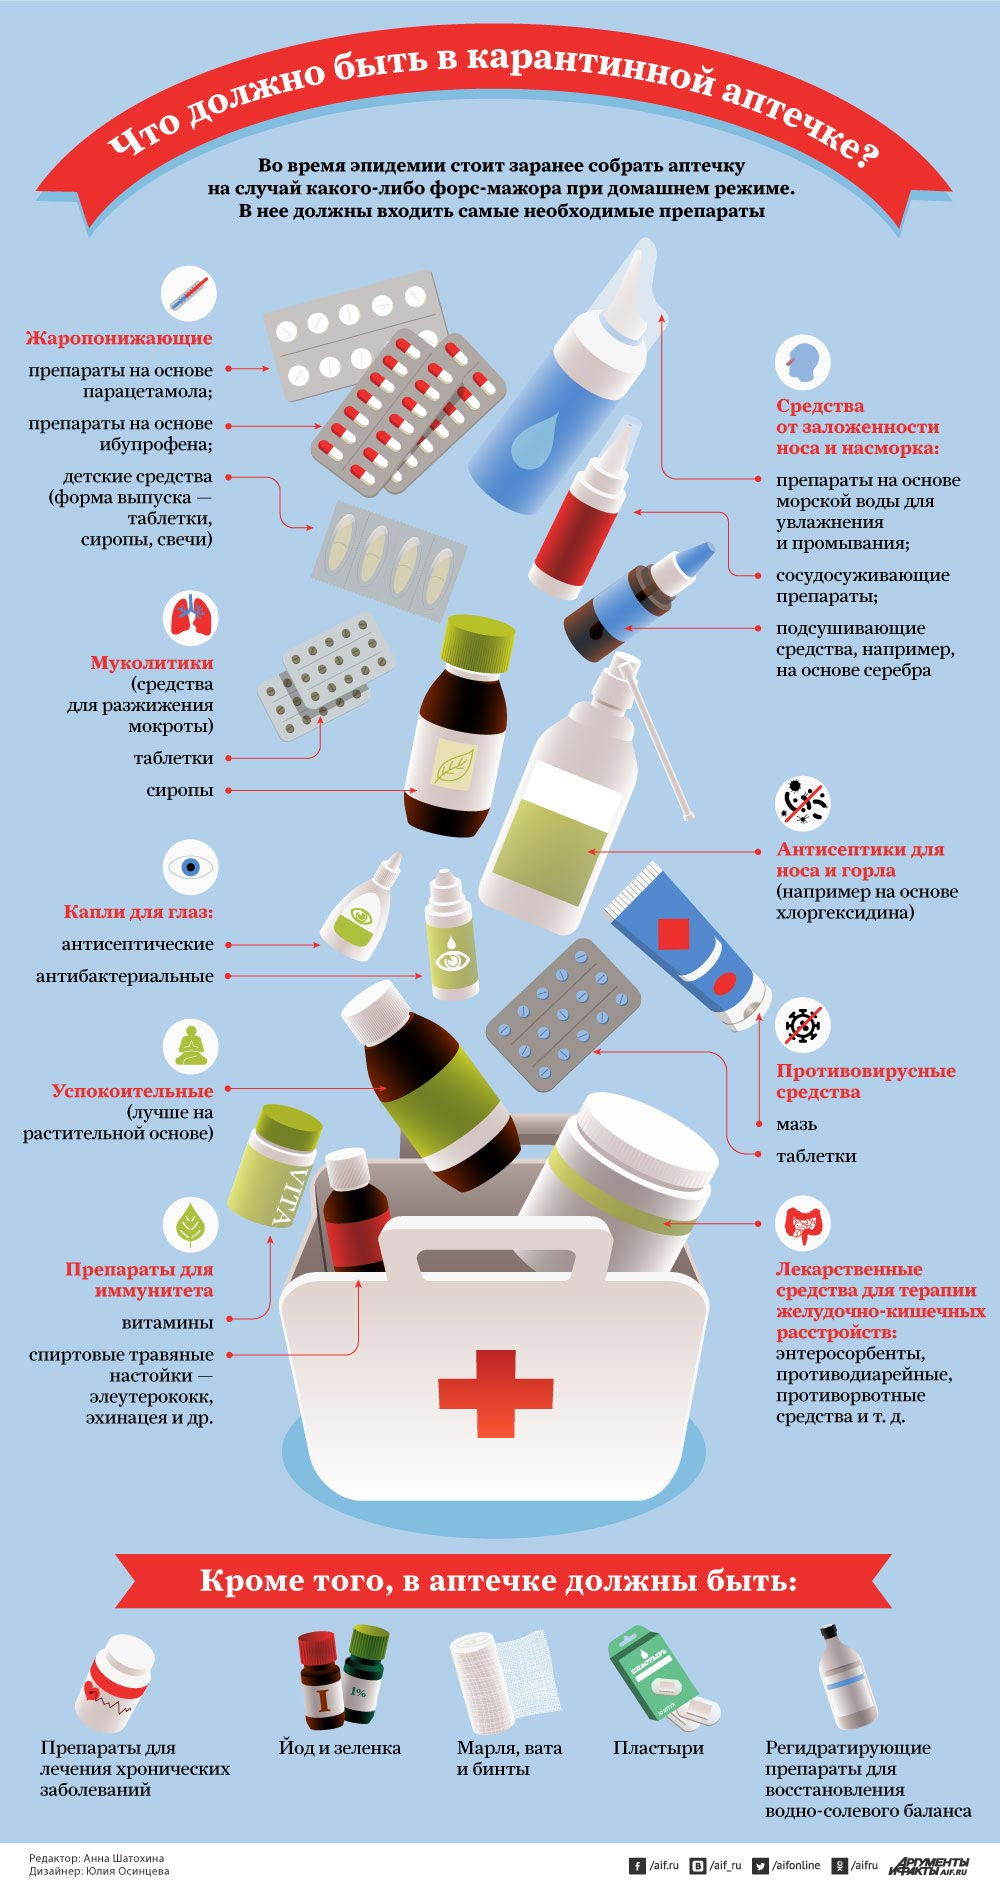 Что должно быть в карантинной аптечке? Инфографика